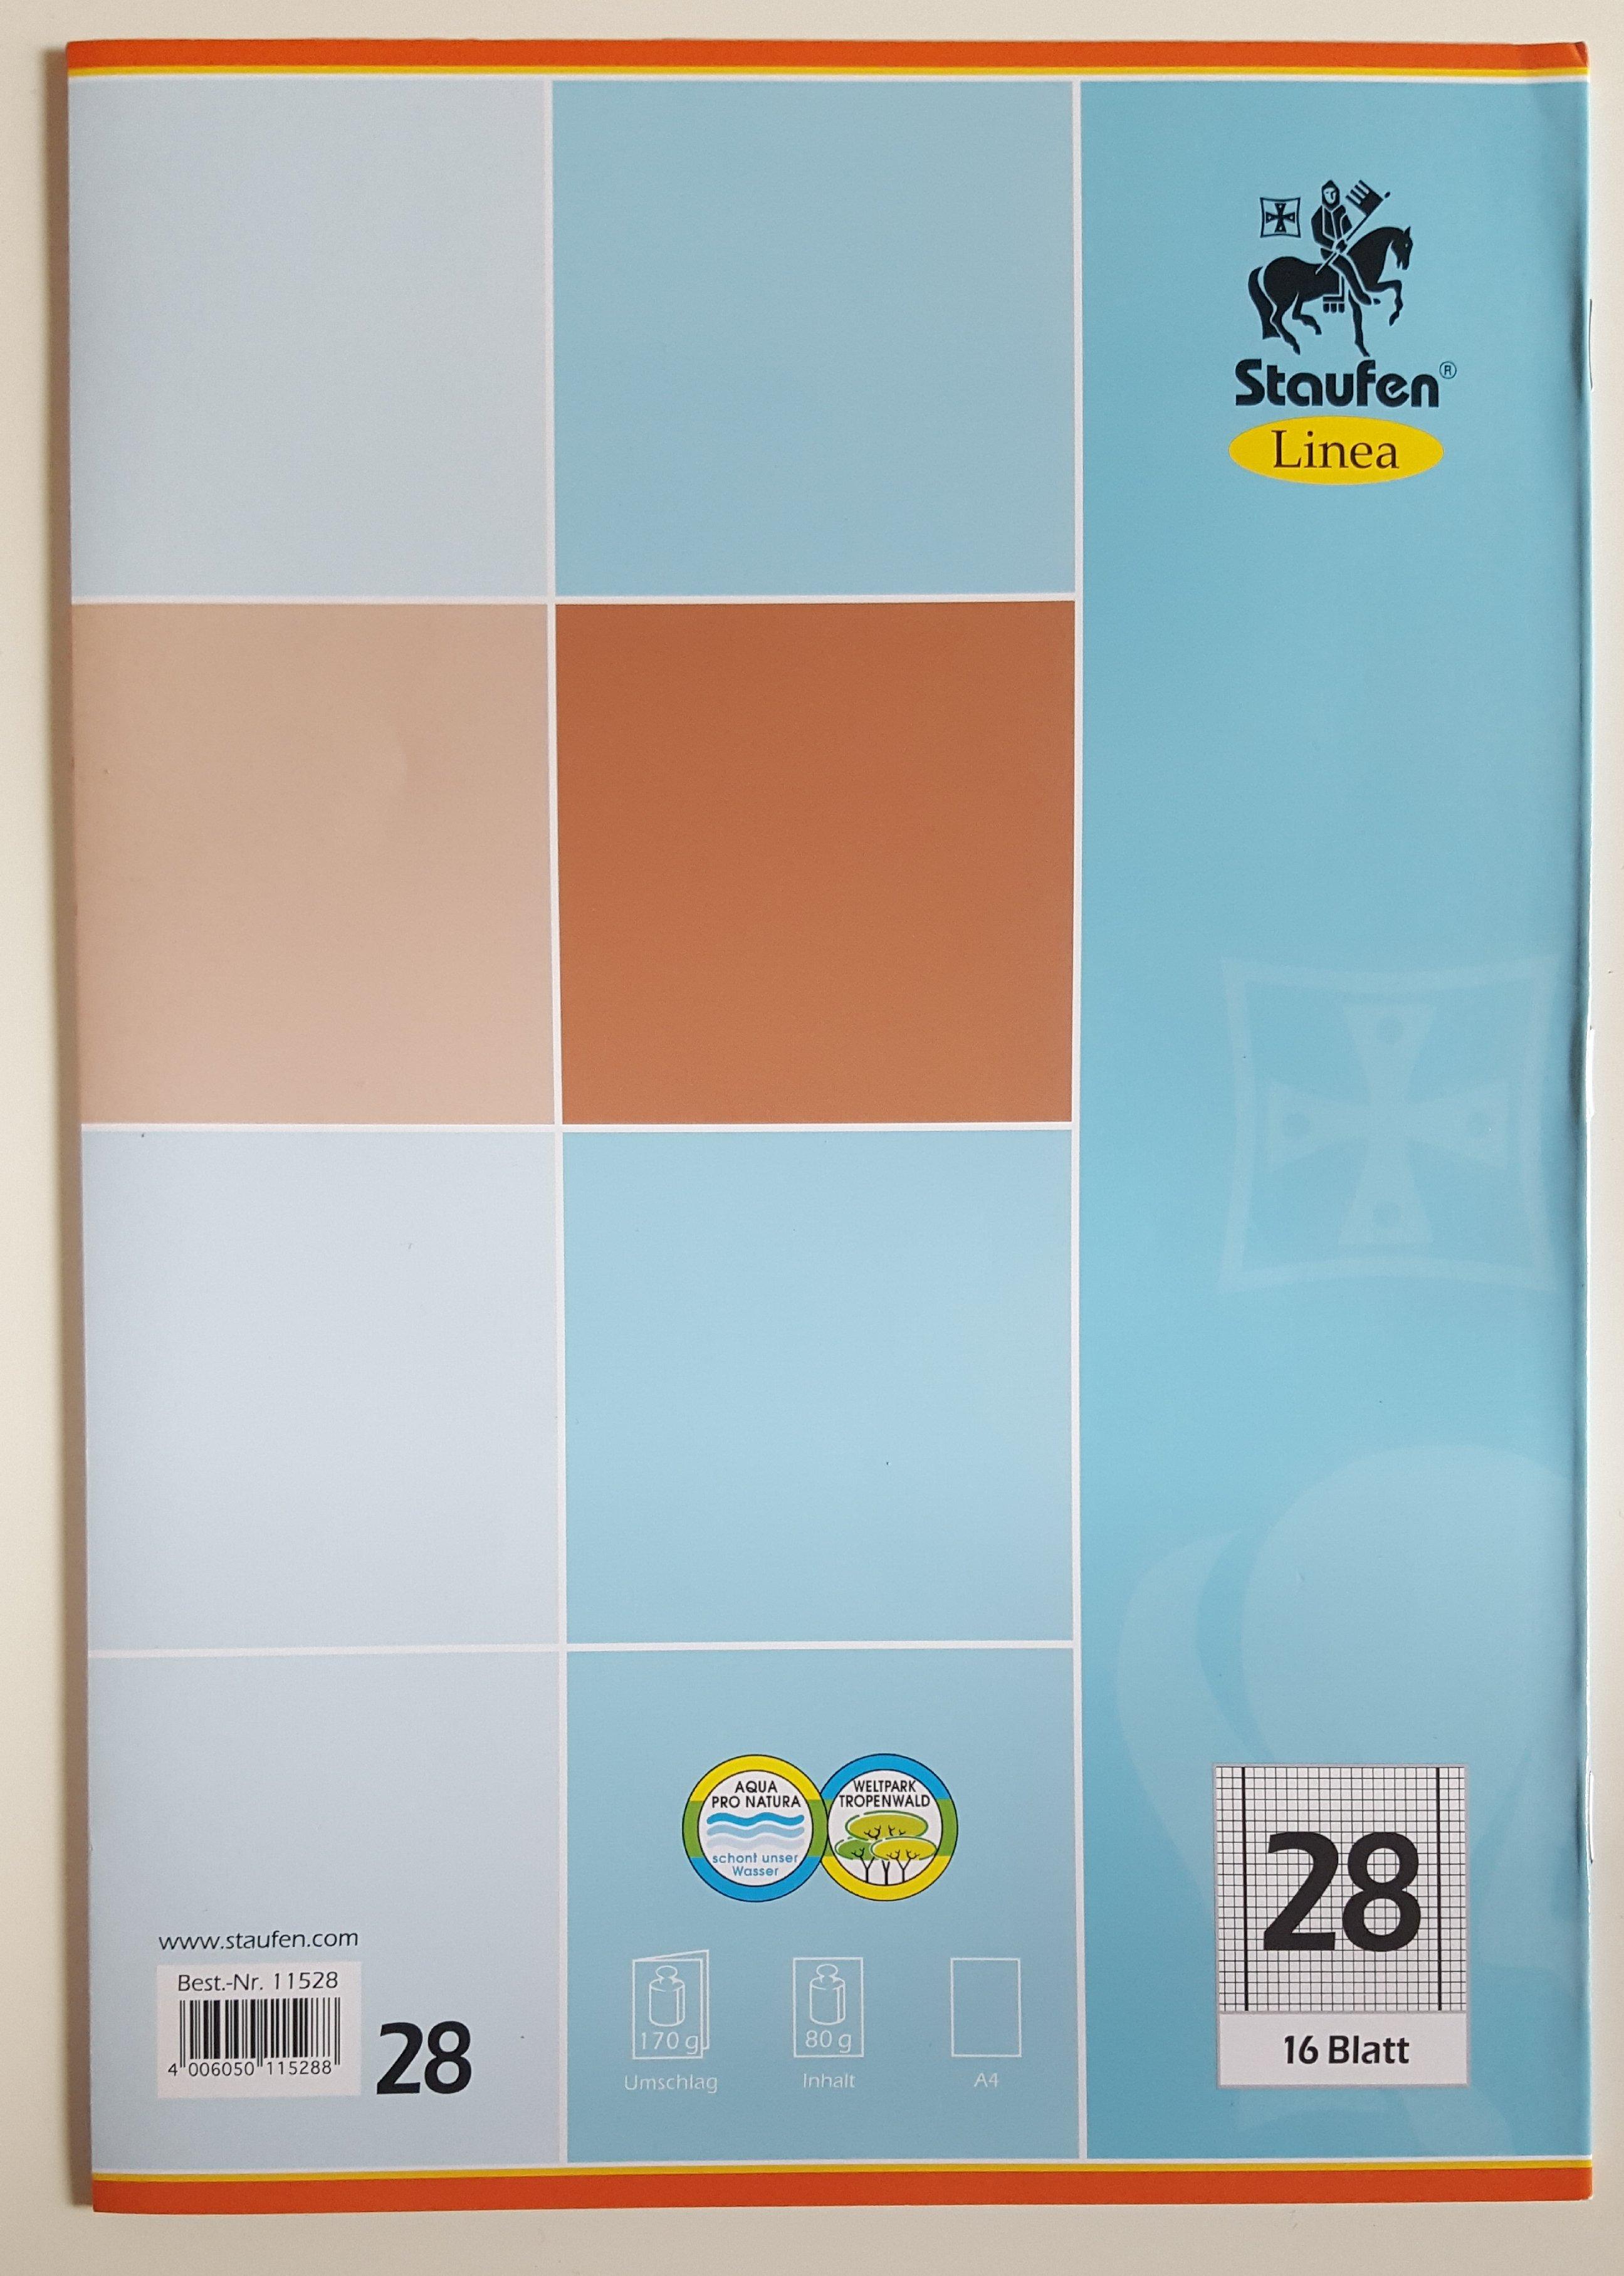 5er Set Schulheft  Staufen Linea  DIN A4 16.Blatt Lineatur 28  kariert Innen und Außenrand